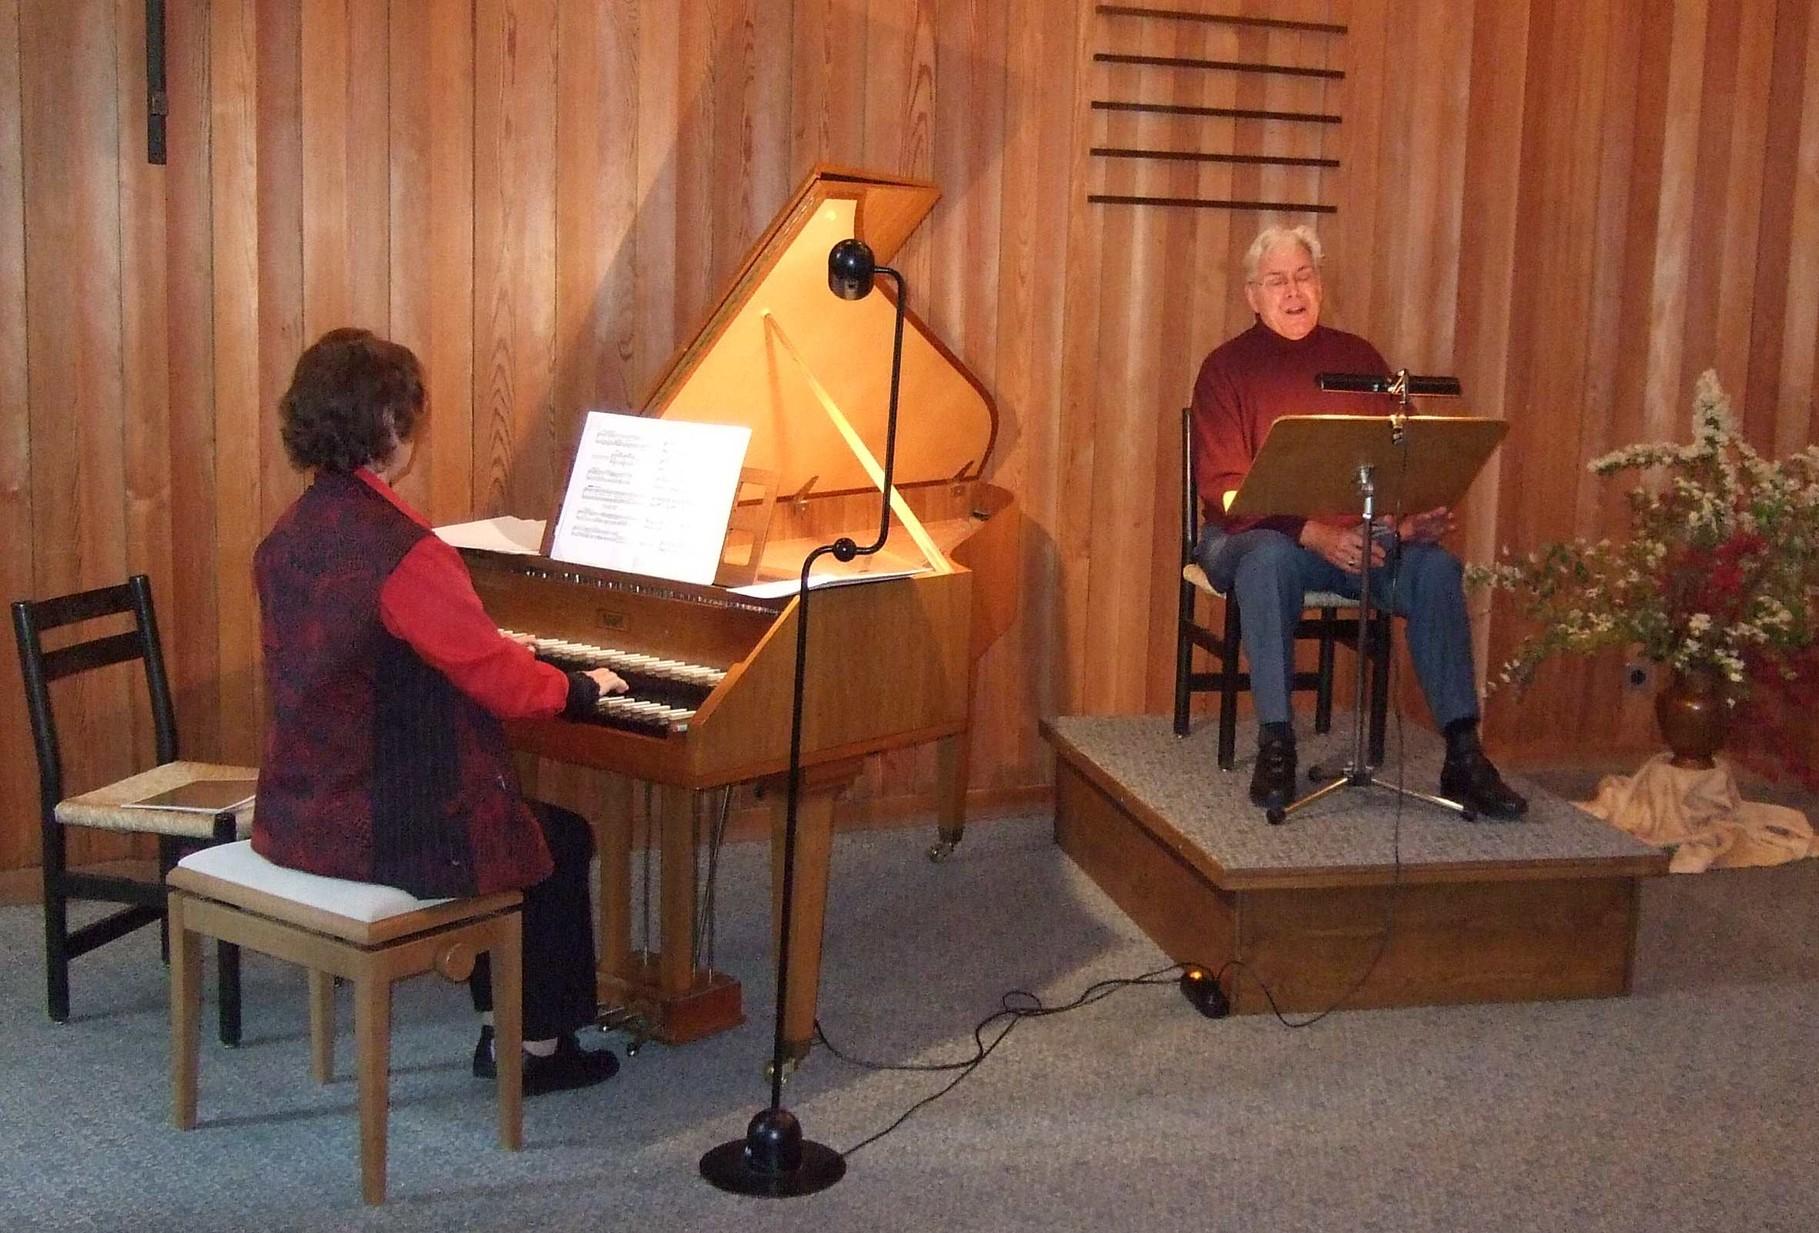 2008  Lesung und Musik, Giuliana Stehli-Altweg und Richard Rutishauser